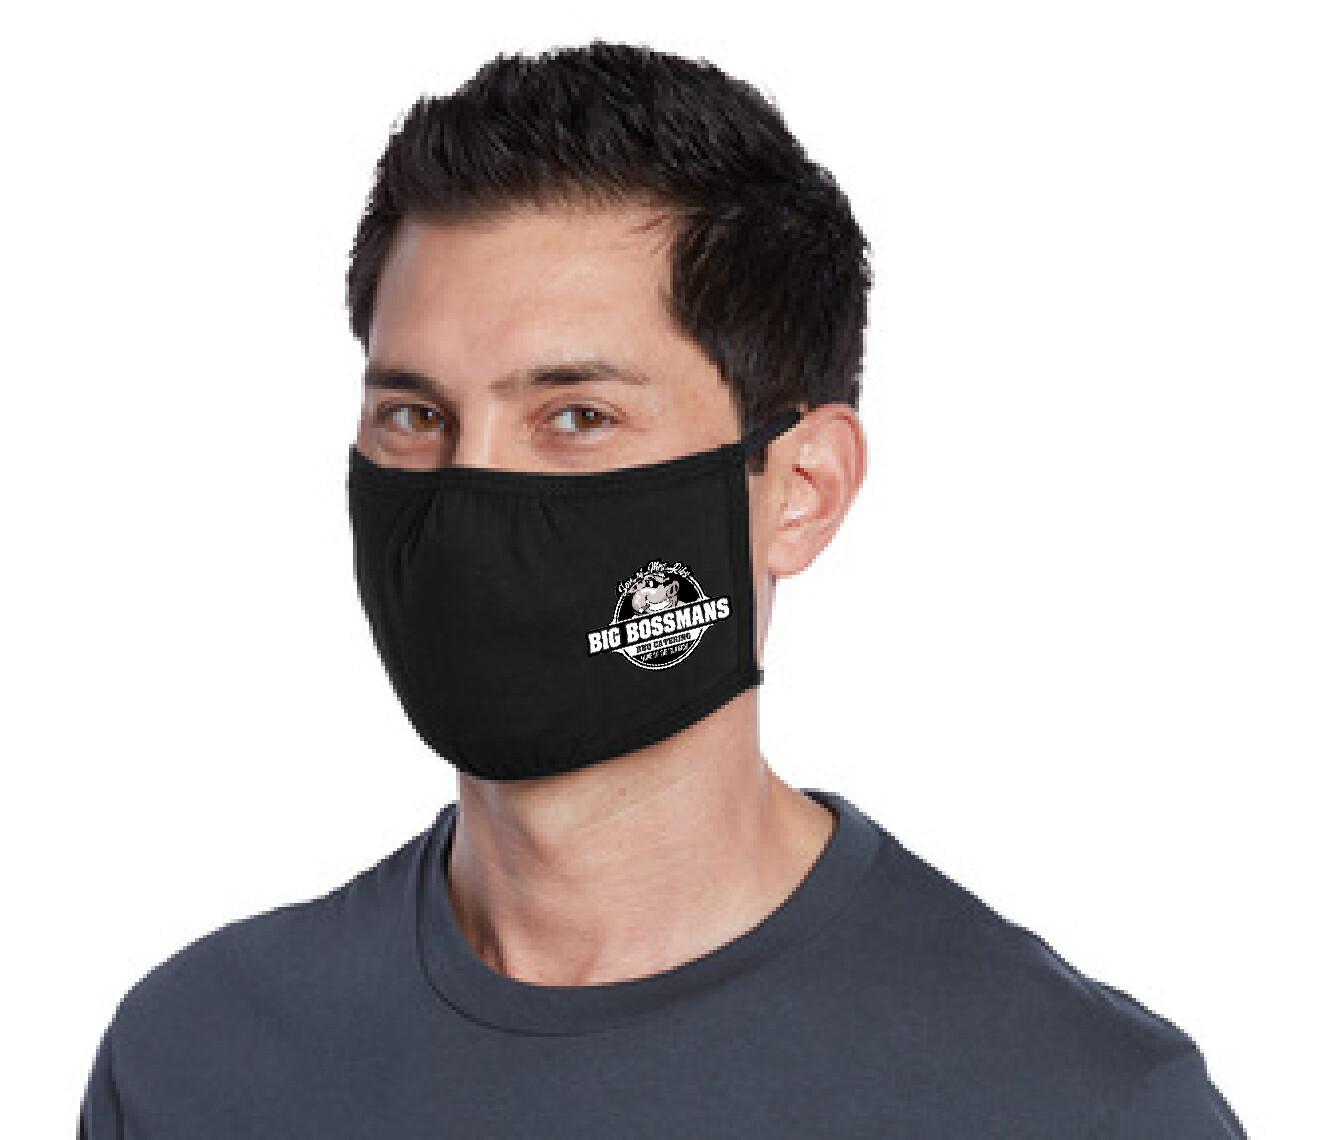 Big Bossmans BBQ Face Mask